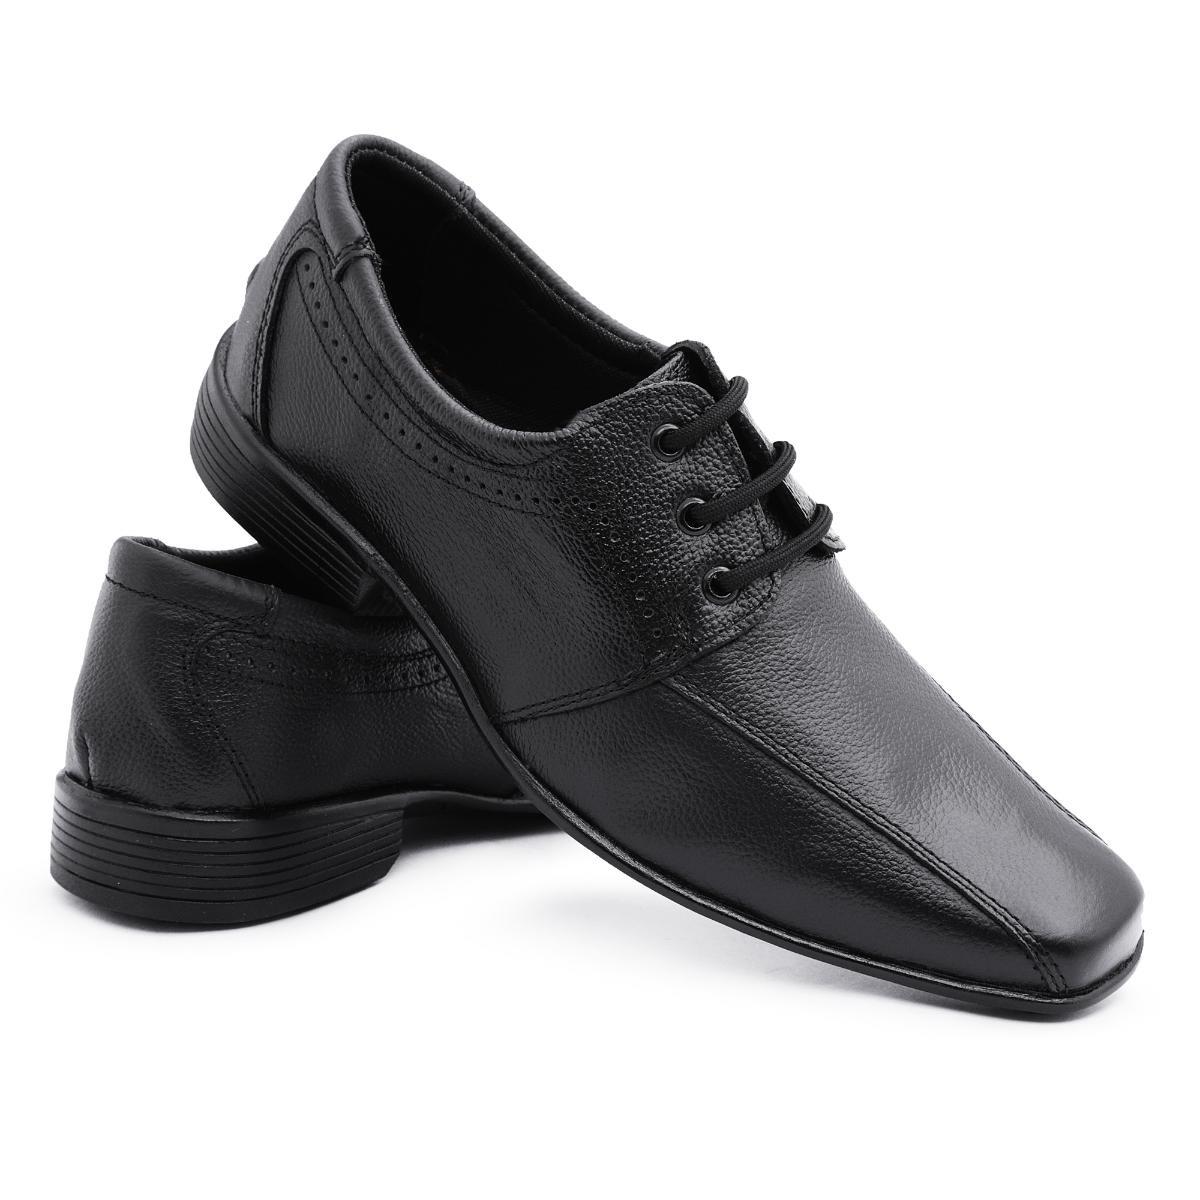 bb3fd23458 sapato social masculino clássico em couro vr. Carregando zoom.